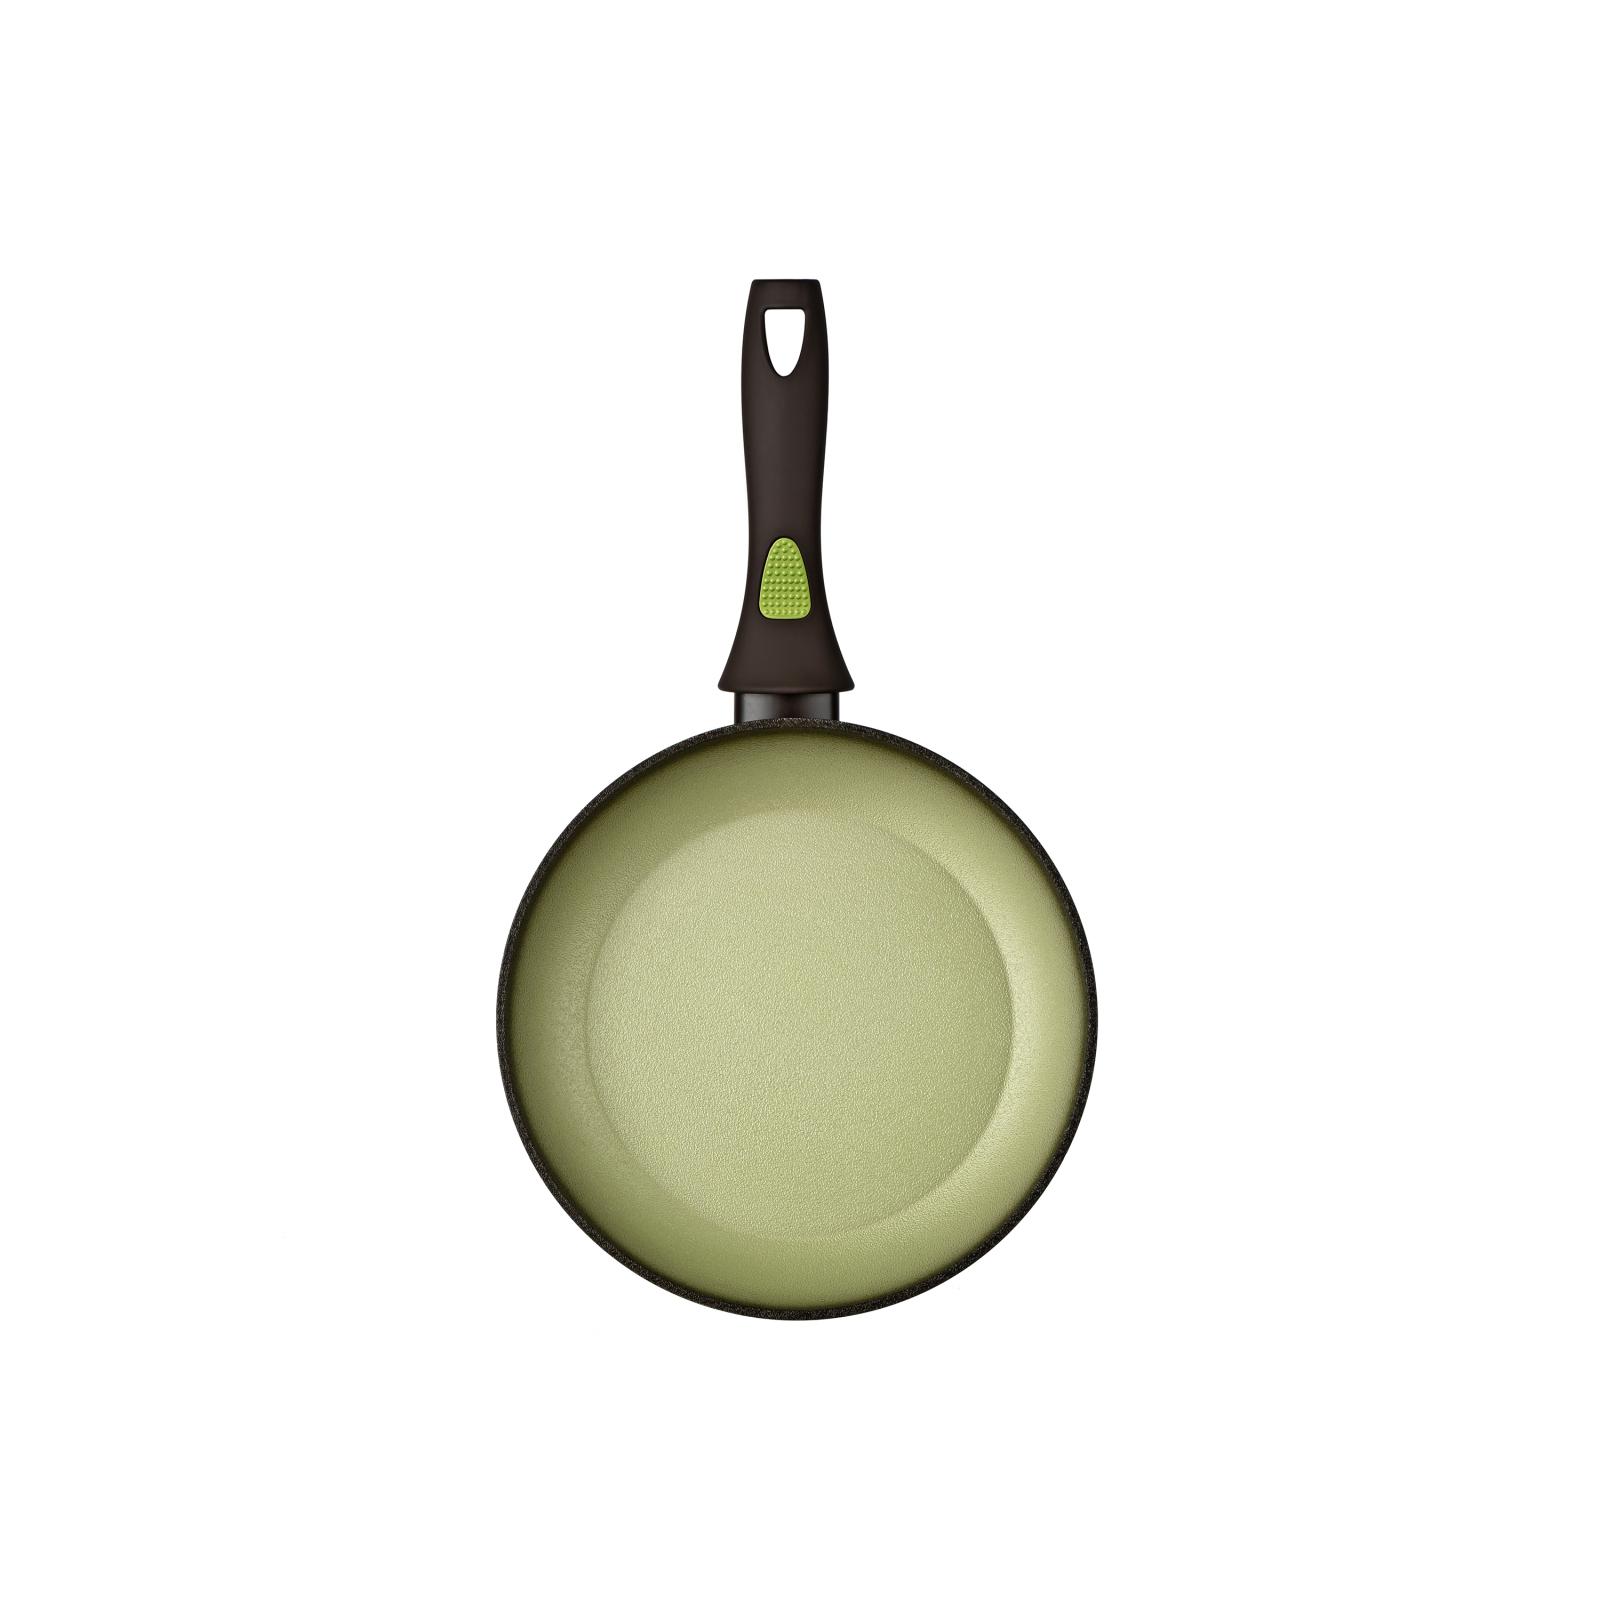 Сковорода Ardesto Avocado 22 см (AR2522FA) изображение 2